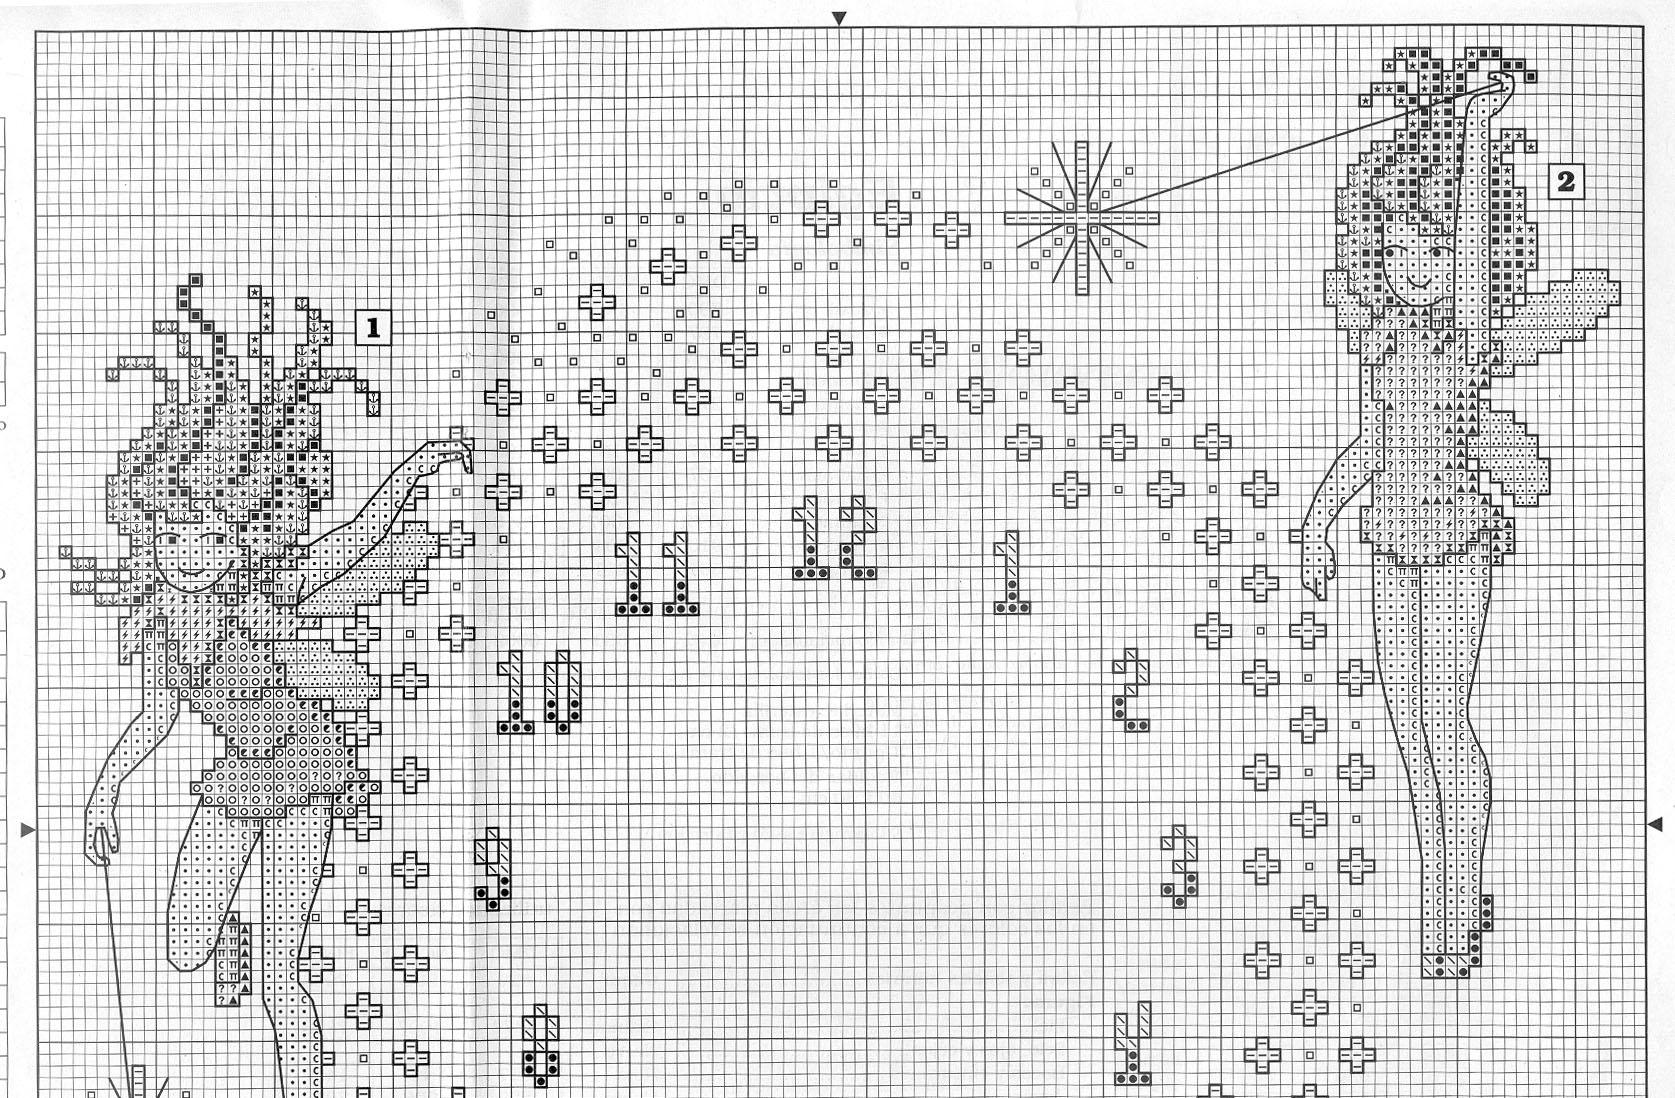 Schema punto croce orologio 3fate 1a for Orologio punto croce schemi gratis